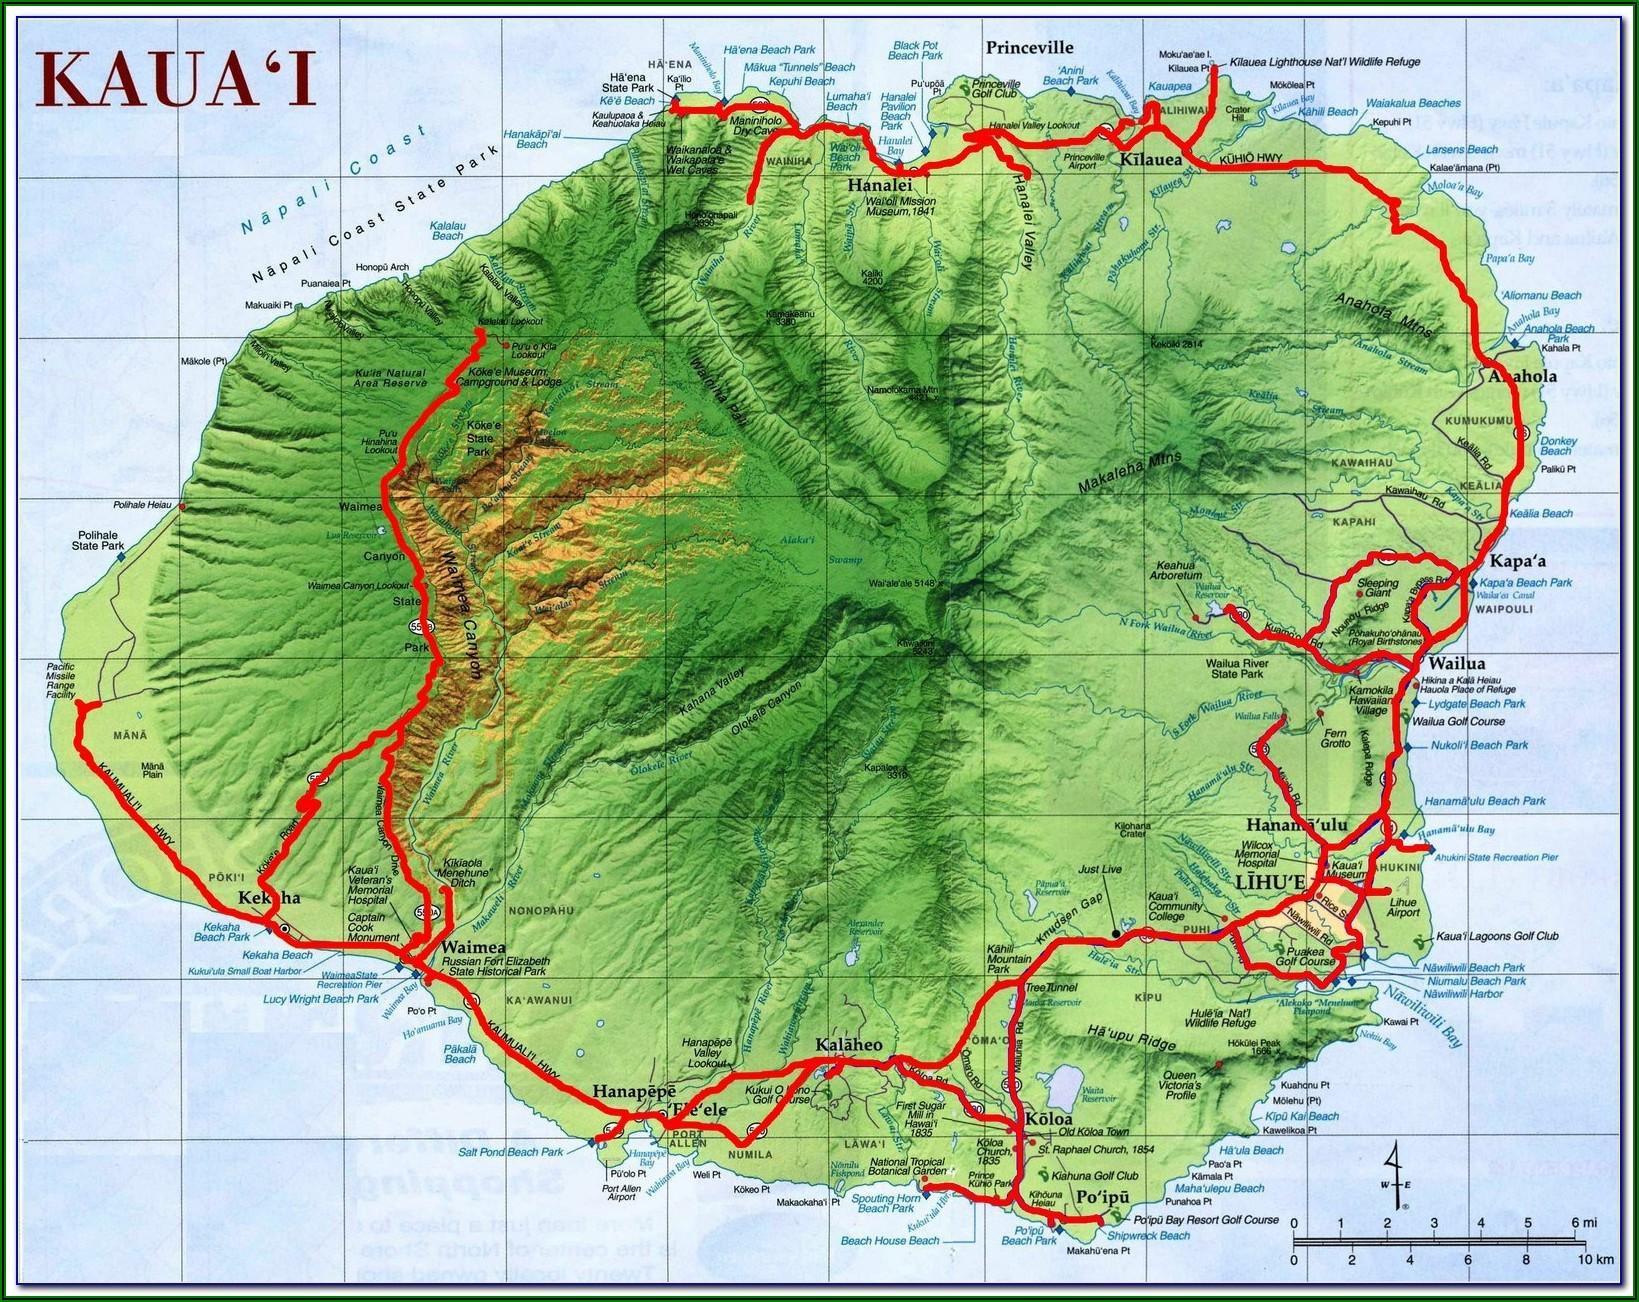 Street Map Of Kauai